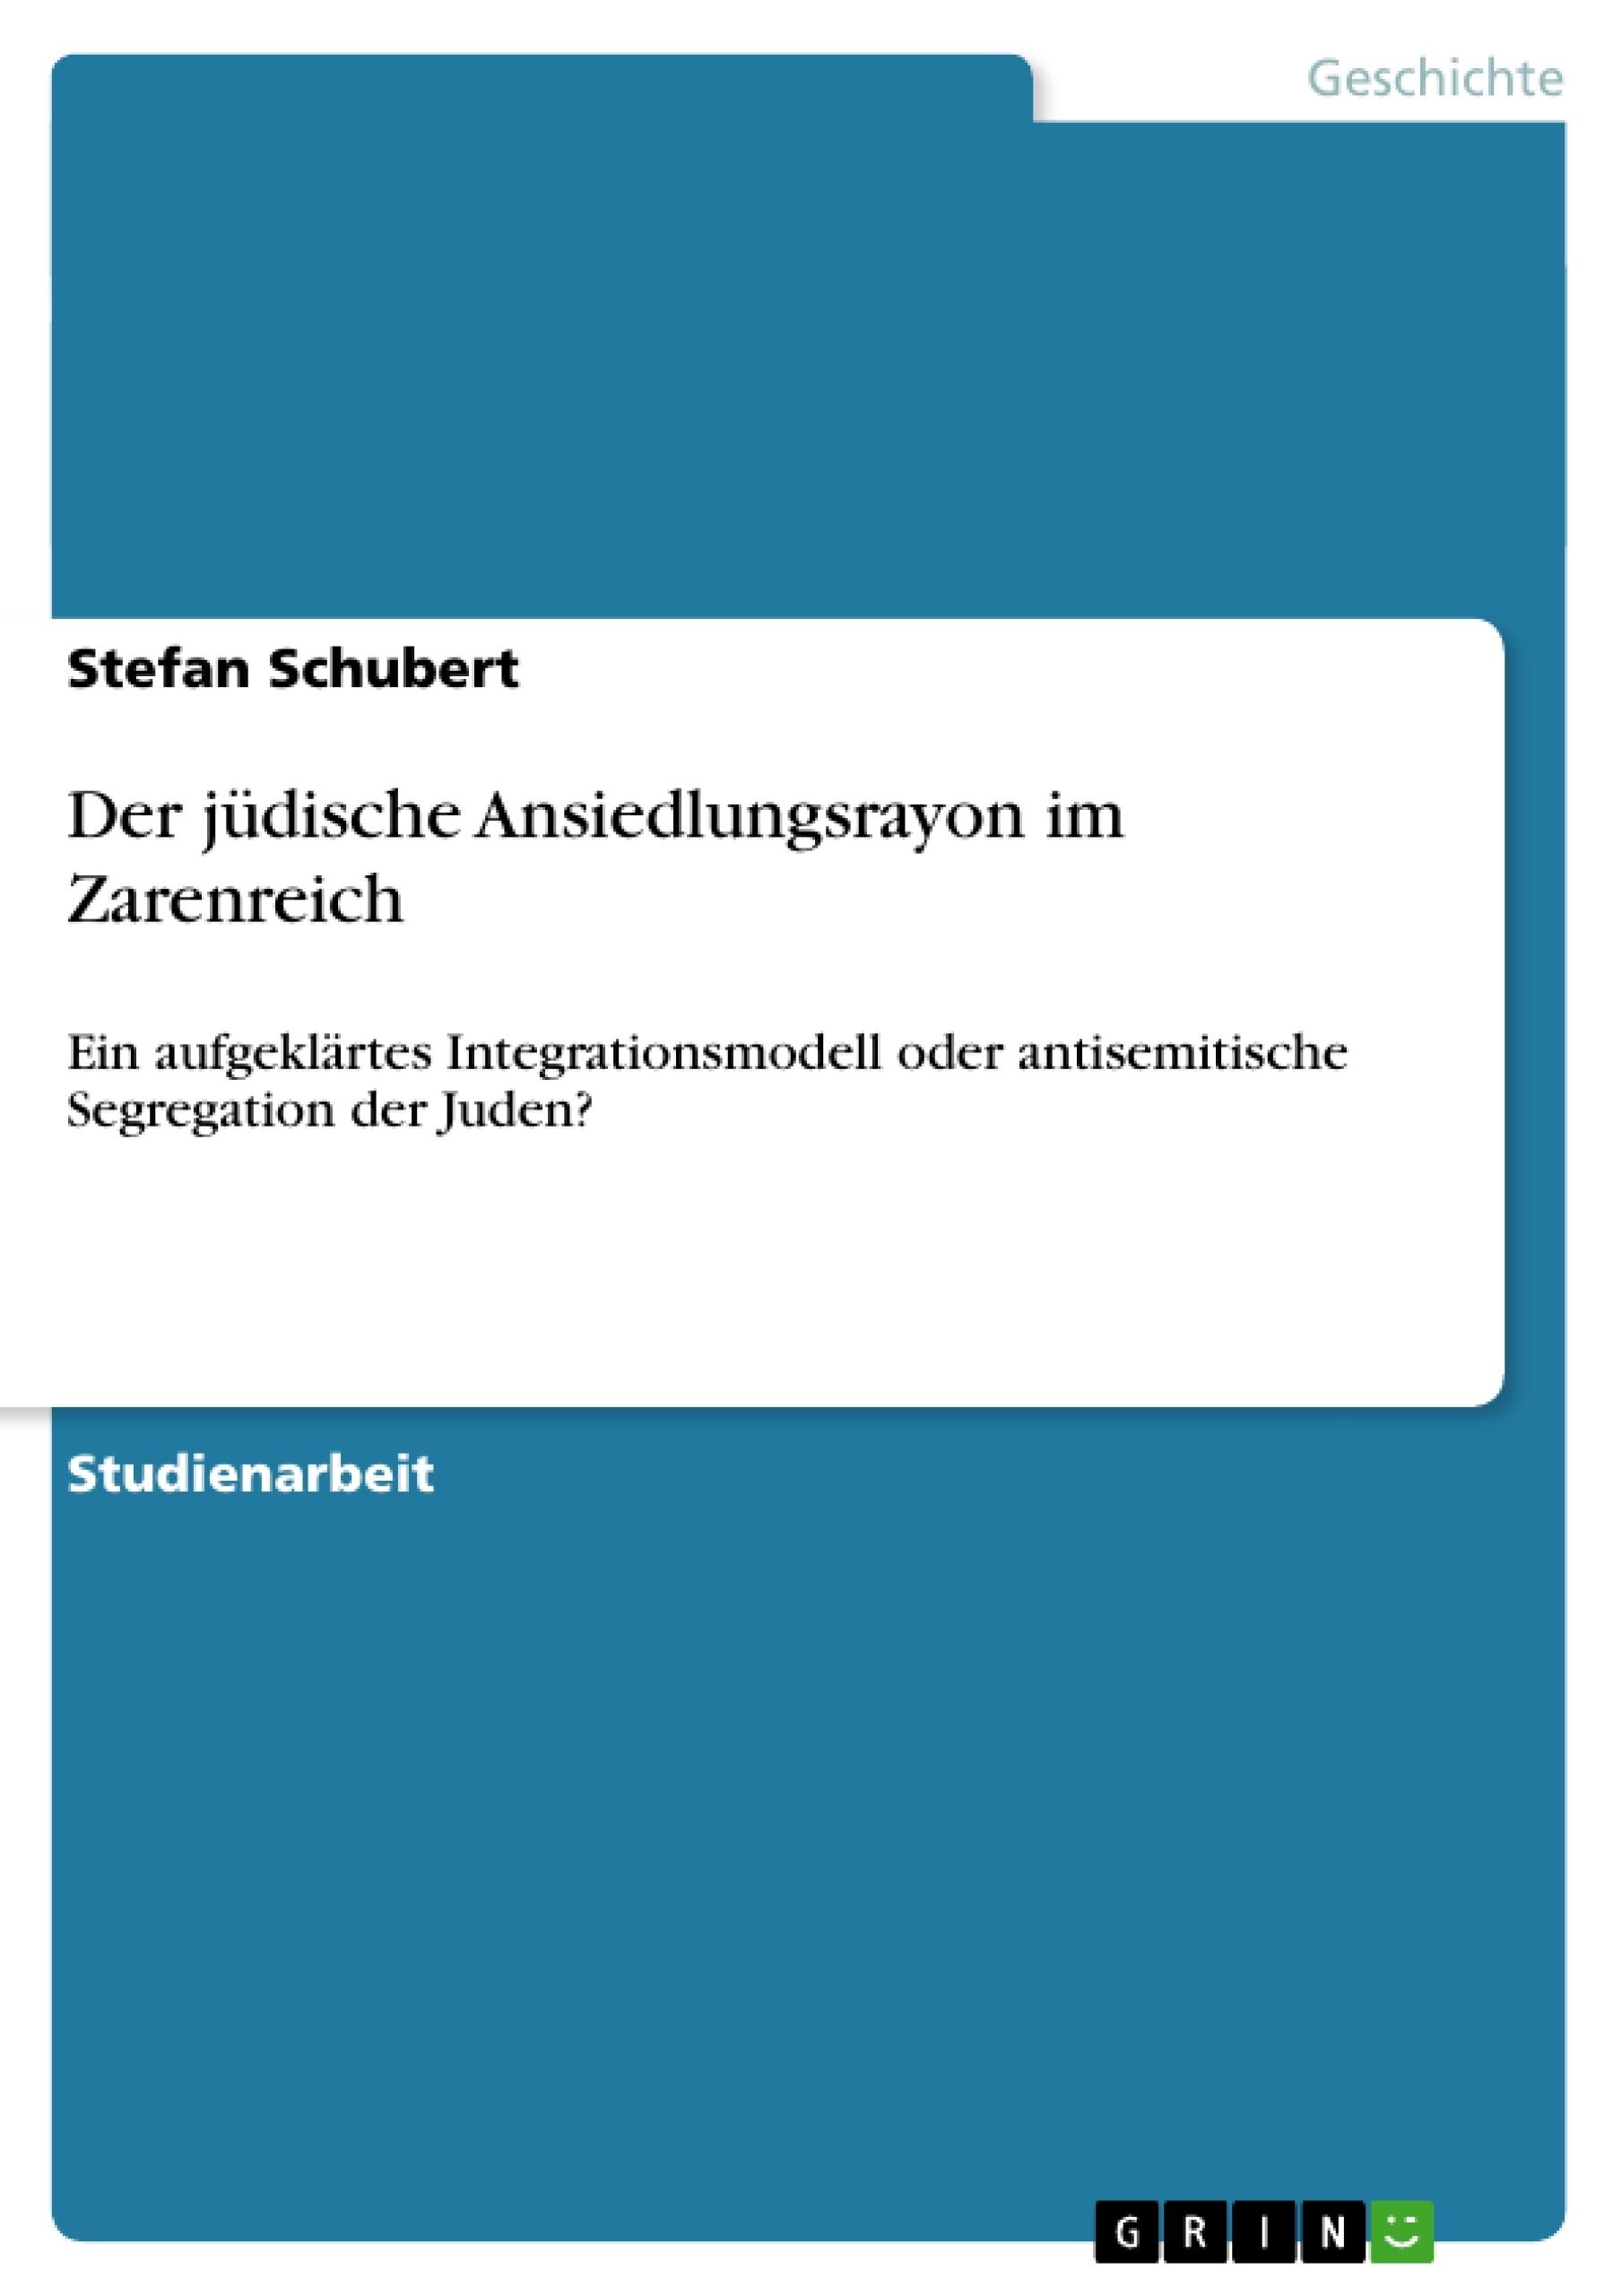 Titel: Der jüdische Ansiedlungsrayon im Zarenreich